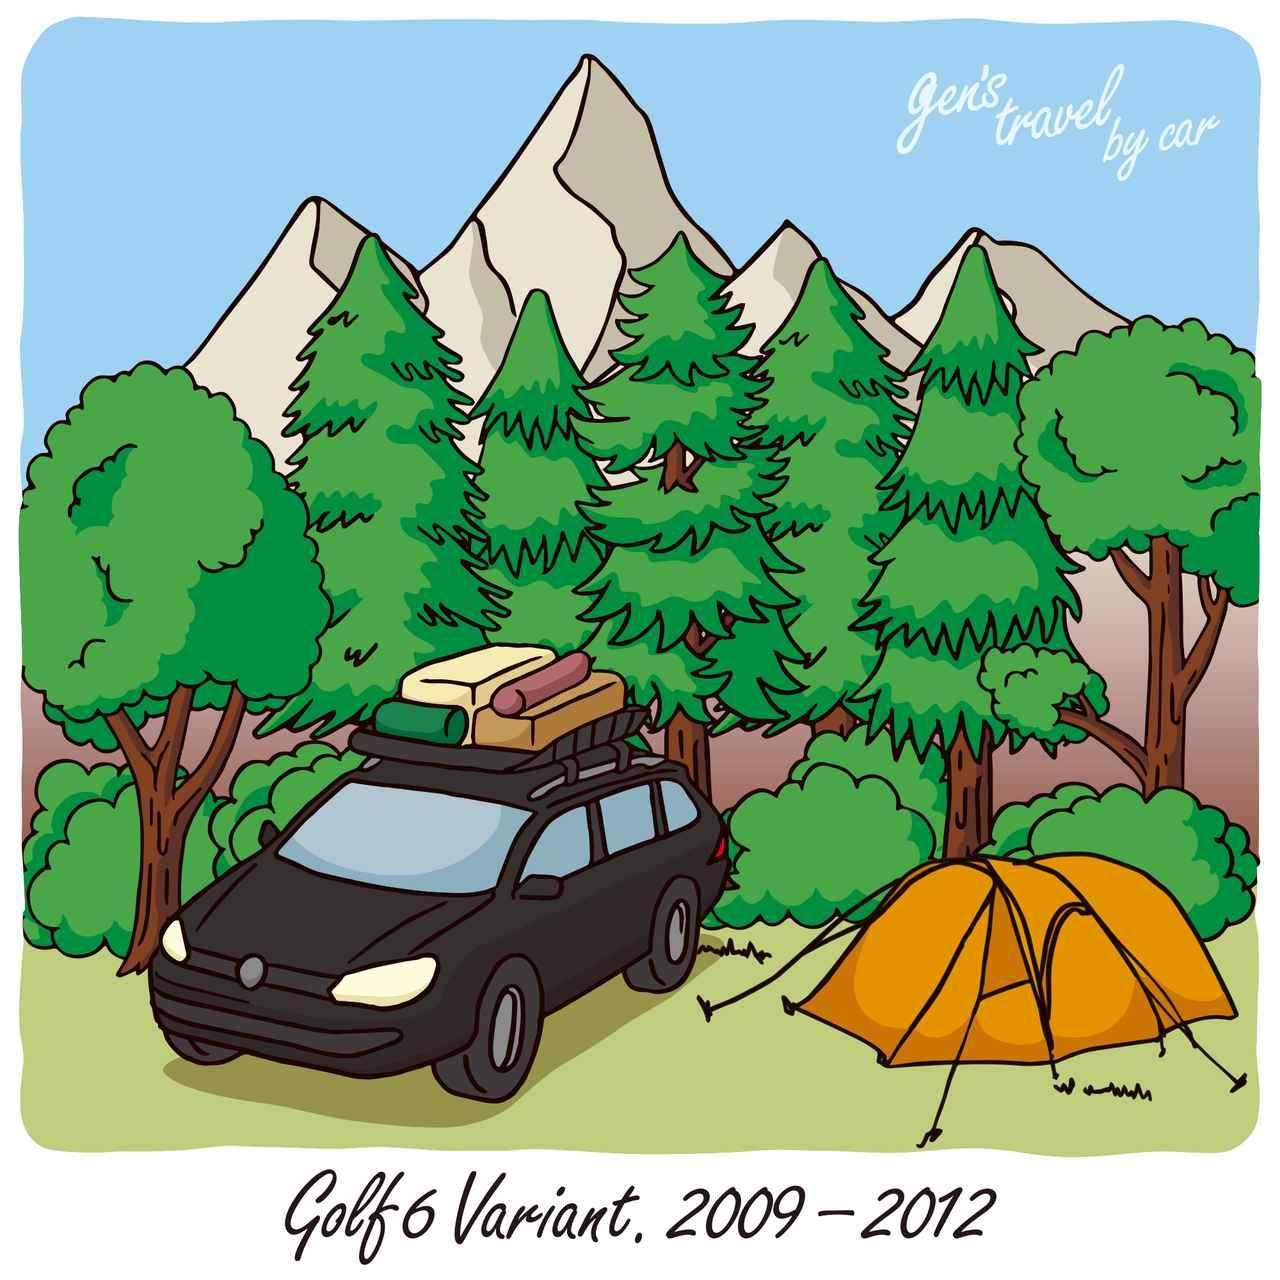 画像: 【gen's travel by car】Golf 6 Variant